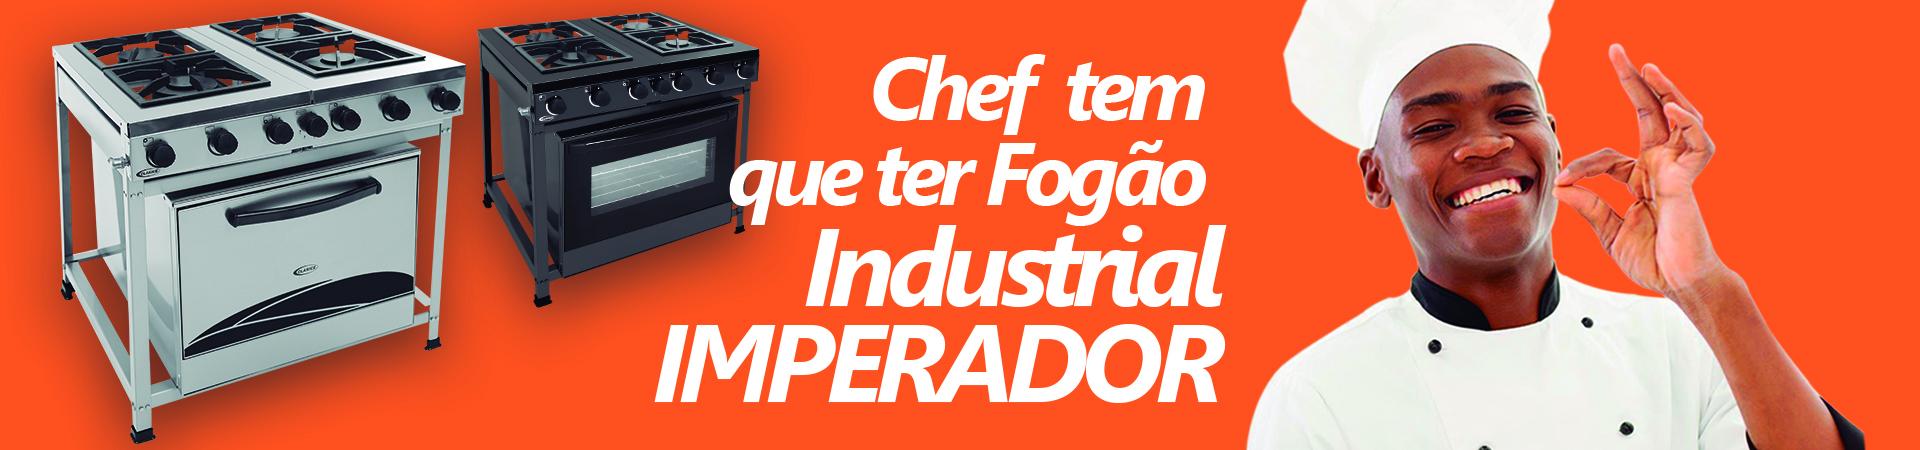 Chef tem que ter fogão Industrial Imperador